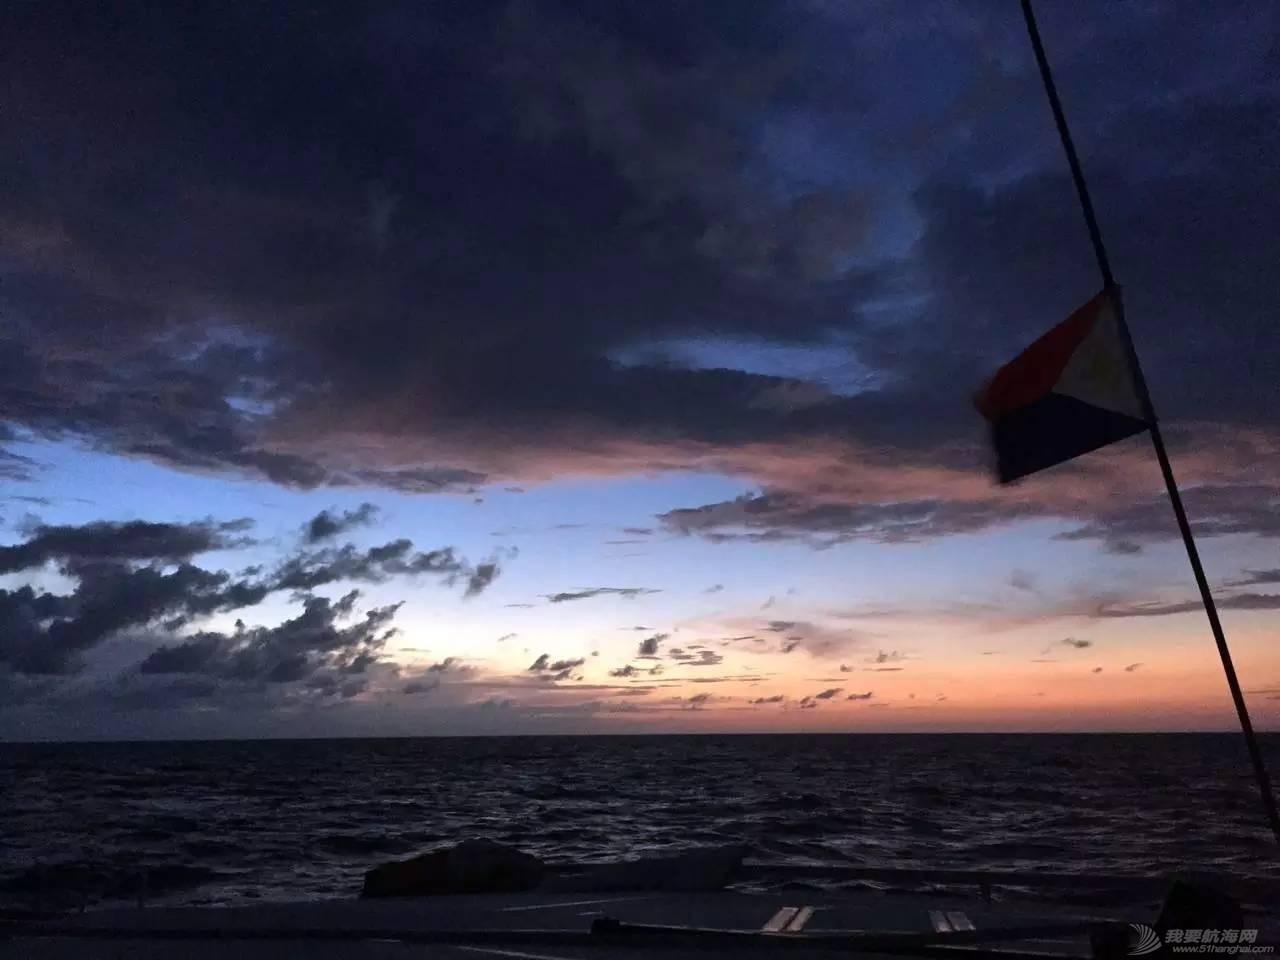 菲律宾,东南亚,照片,左右 3000海里远航东南亚//第二站【菲律宾-东马】 36fb629f79f737b39d48ec3cc0de804a.jpg